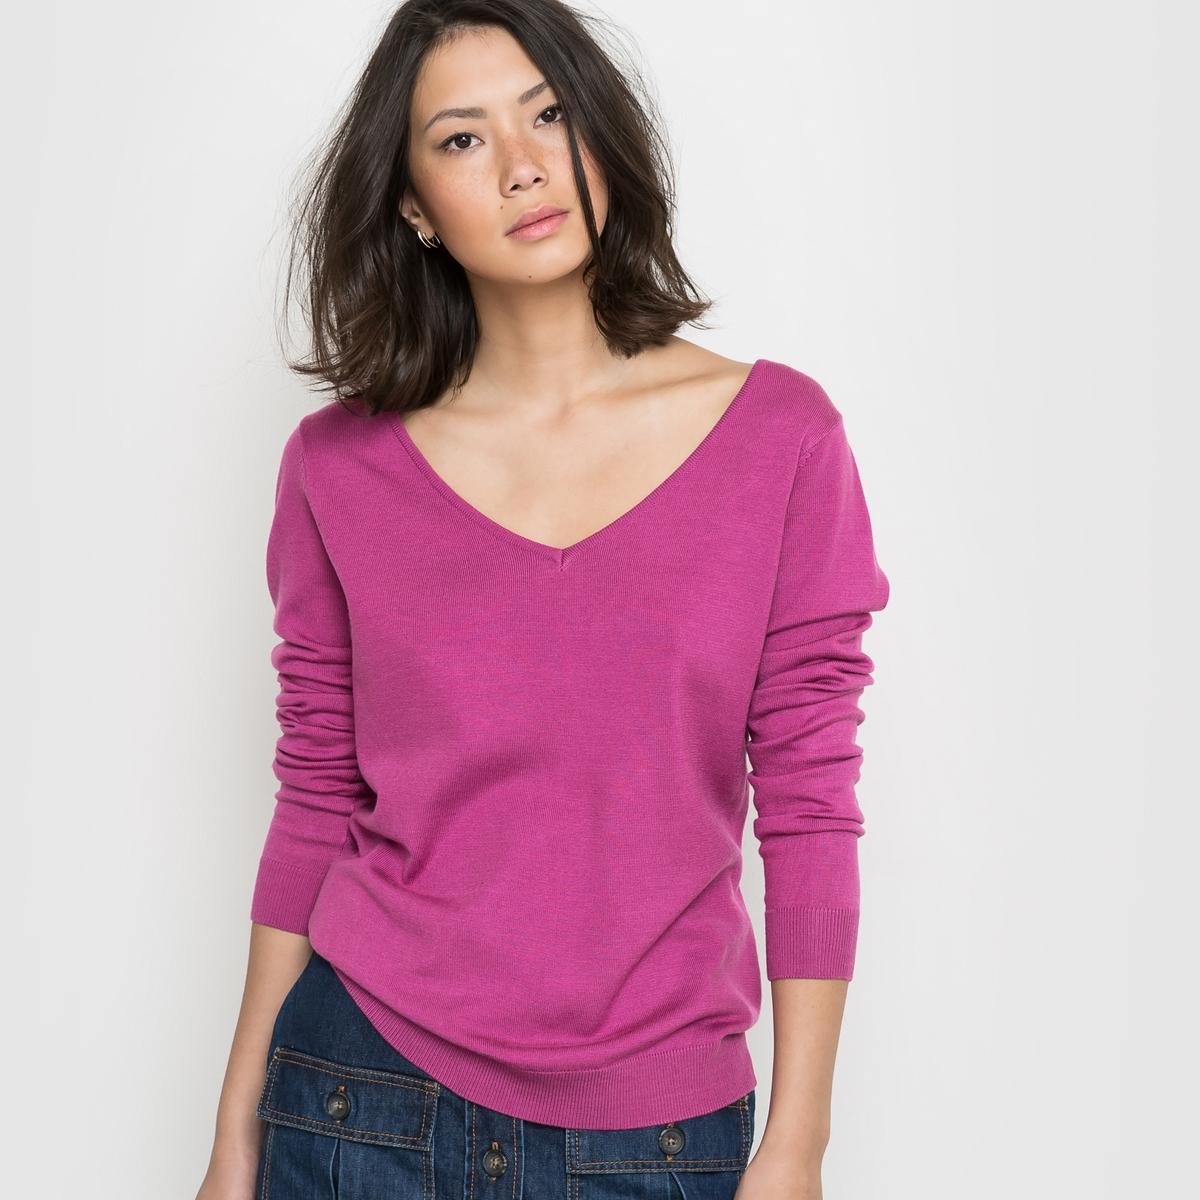 Пуловер с длинными рукавами и декольте сзадиСостав и описание :Материал : 86% акрила, 14% полиамидаПодкладка : -   Длина : 62 смМарка : R EDITION.Уход :Машинная стирка при 30 °С<br><br>Цвет: ярко-розовый